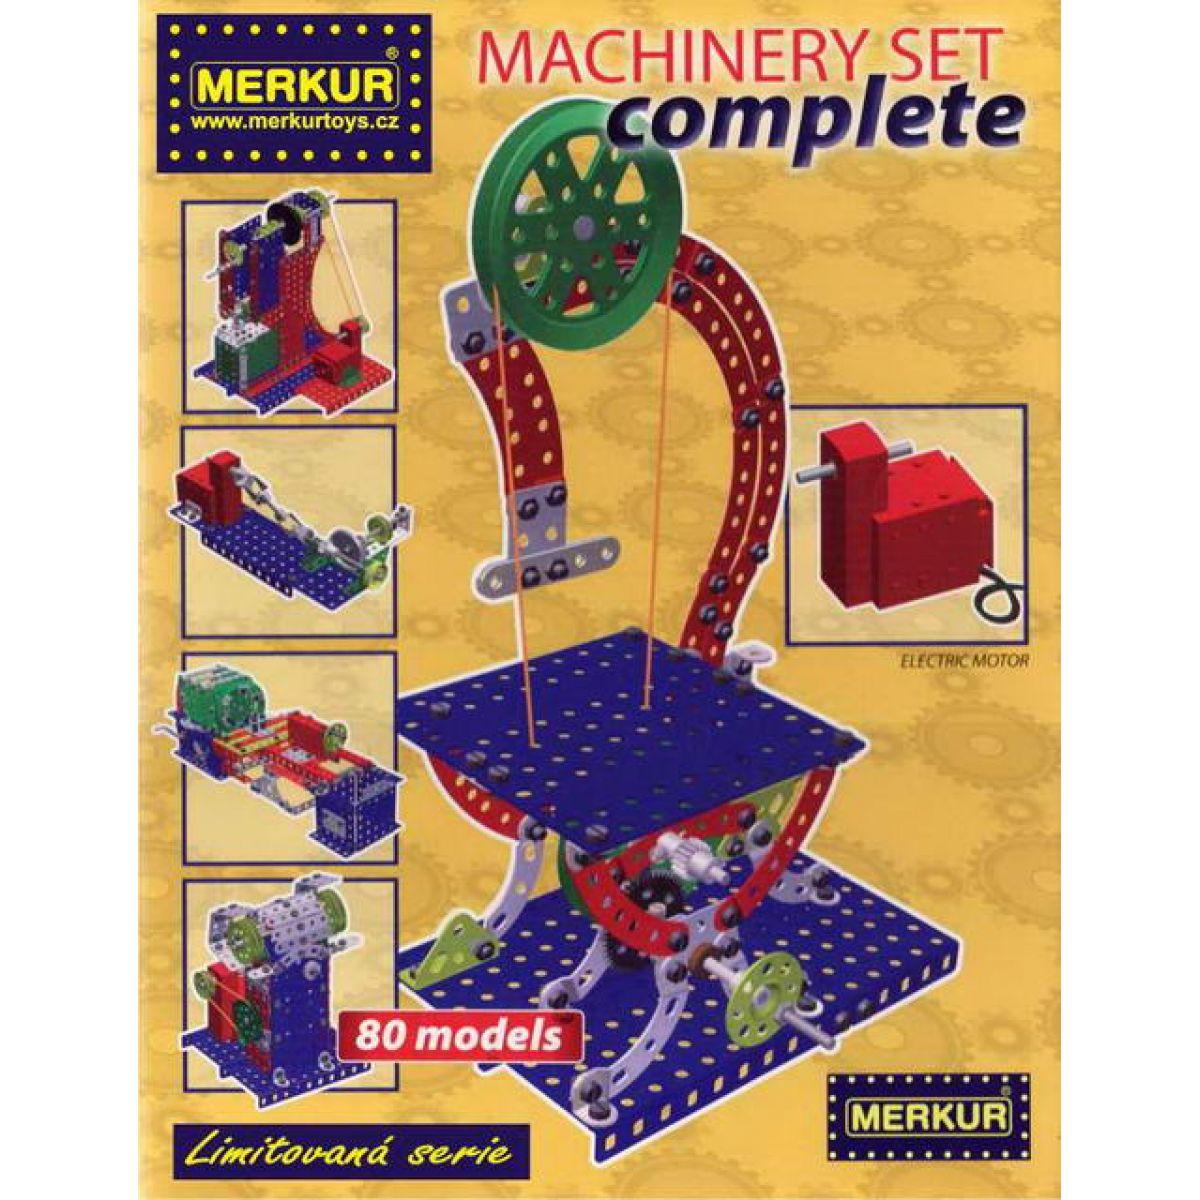 Merkur Stavebnice Machinery Set complete